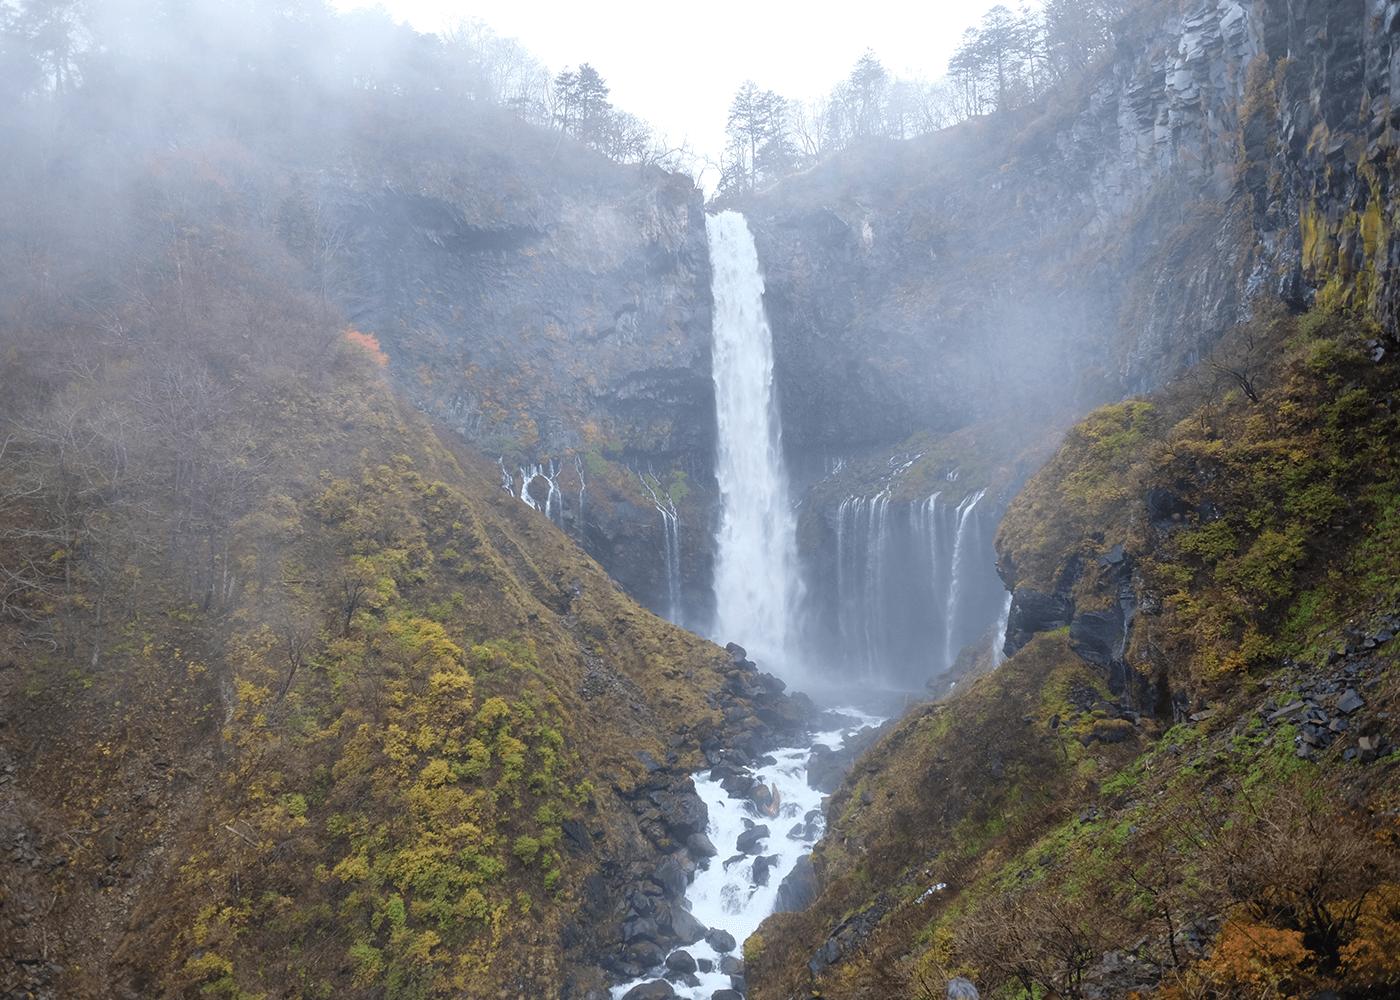 華厳の滝(Kegon falls)